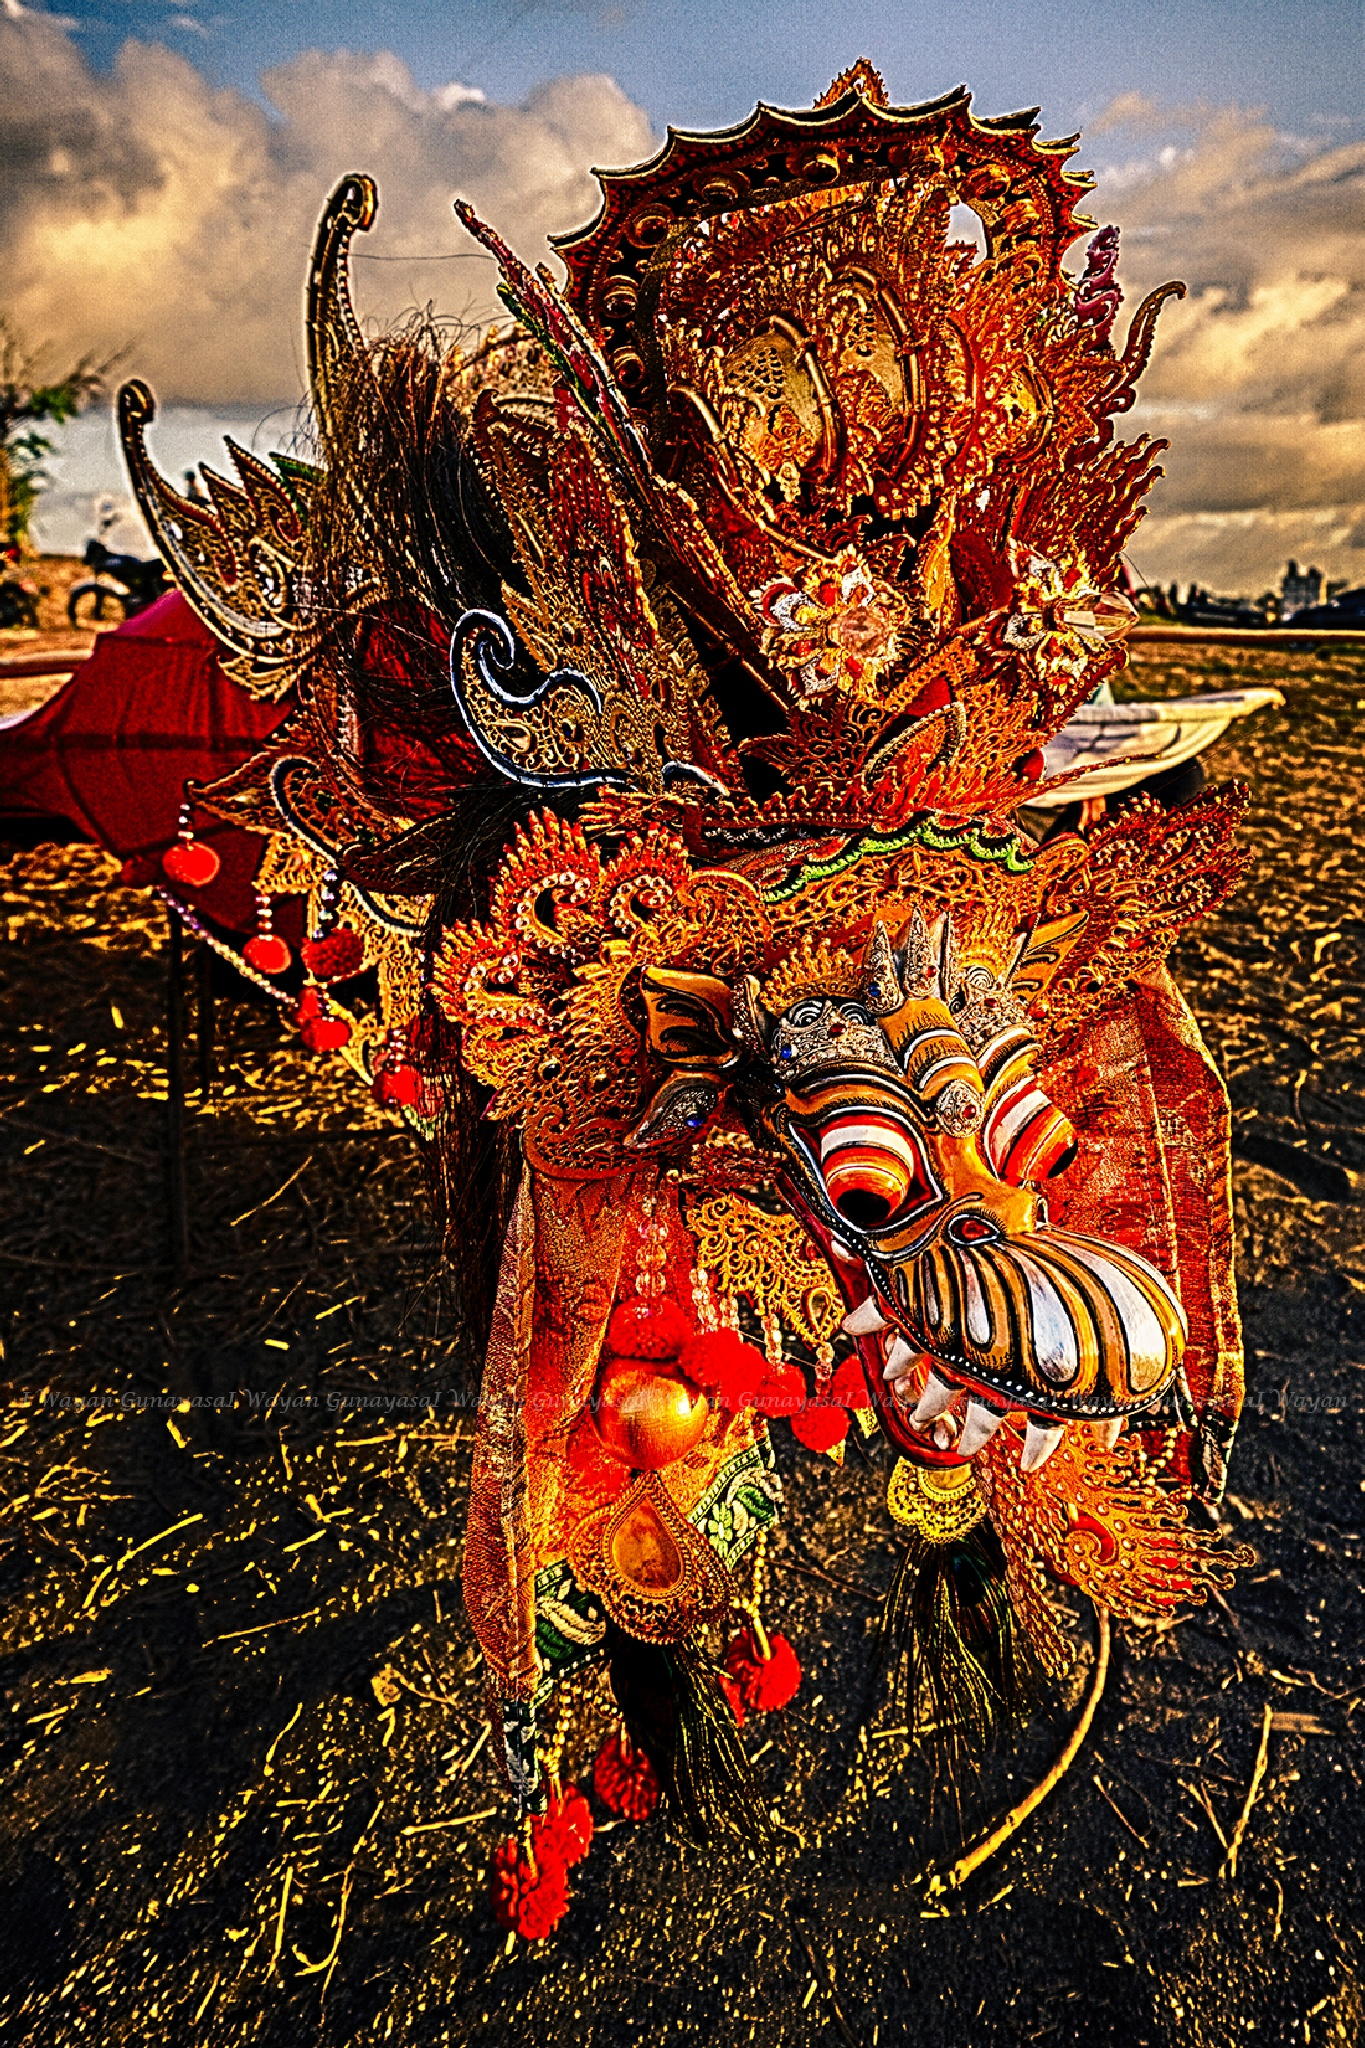 Head of Balinese traditional kite by yangunayasa63